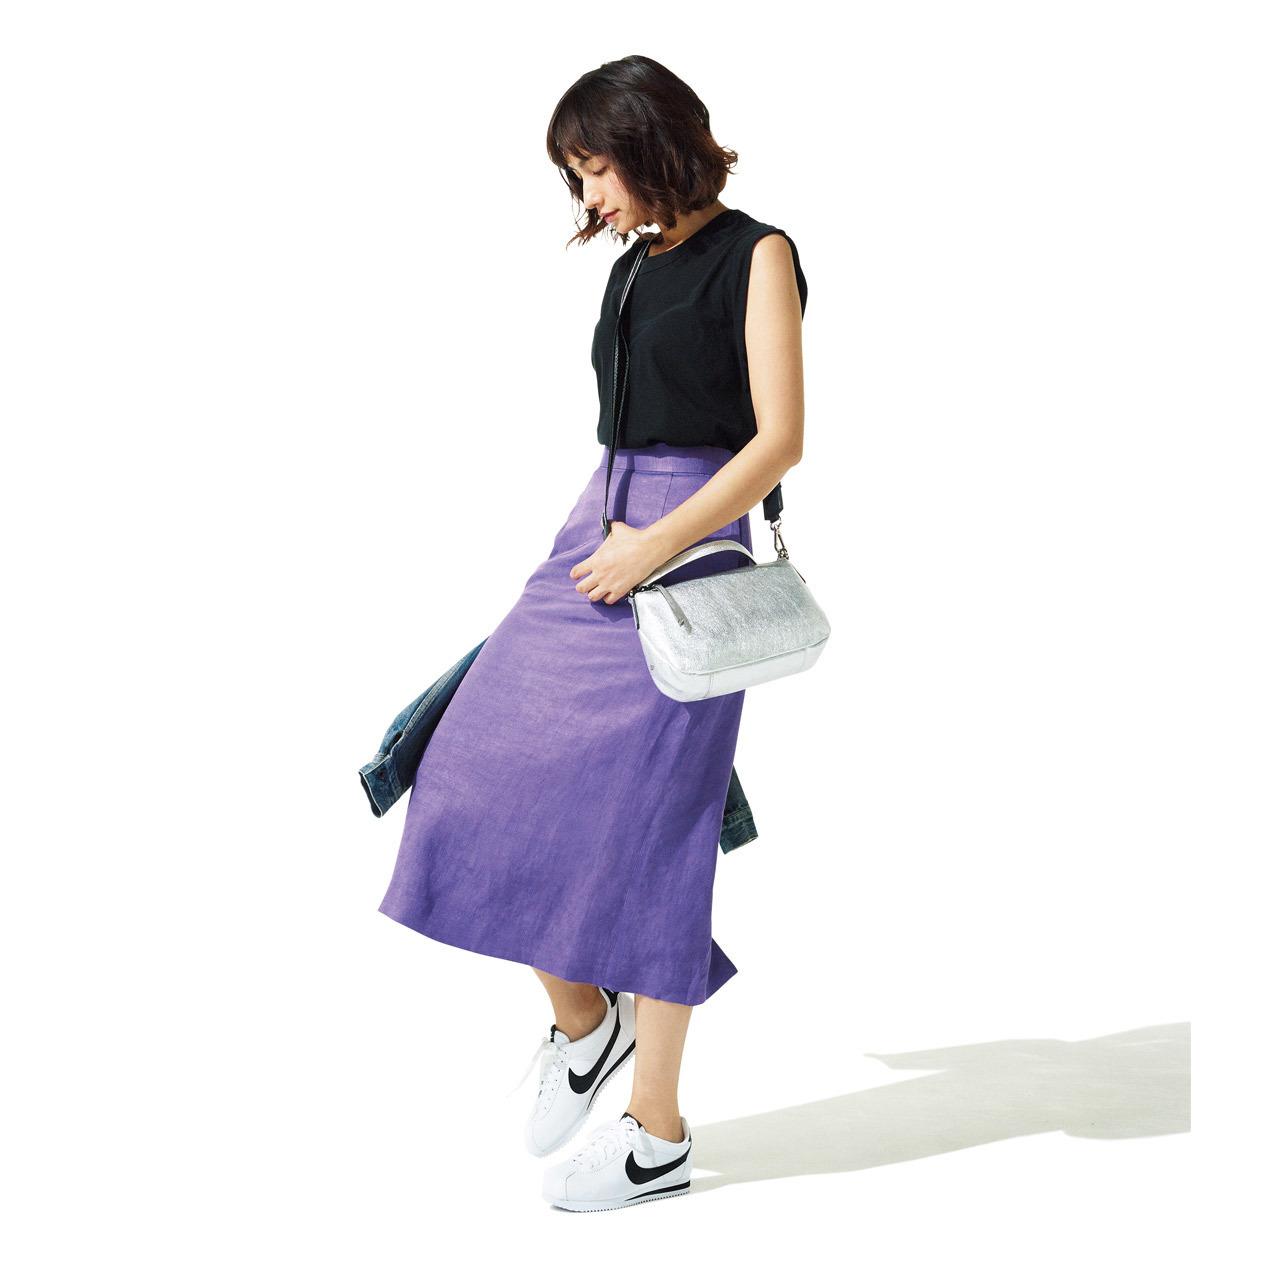 黒カットソー×パープルタイトスカートコーデ